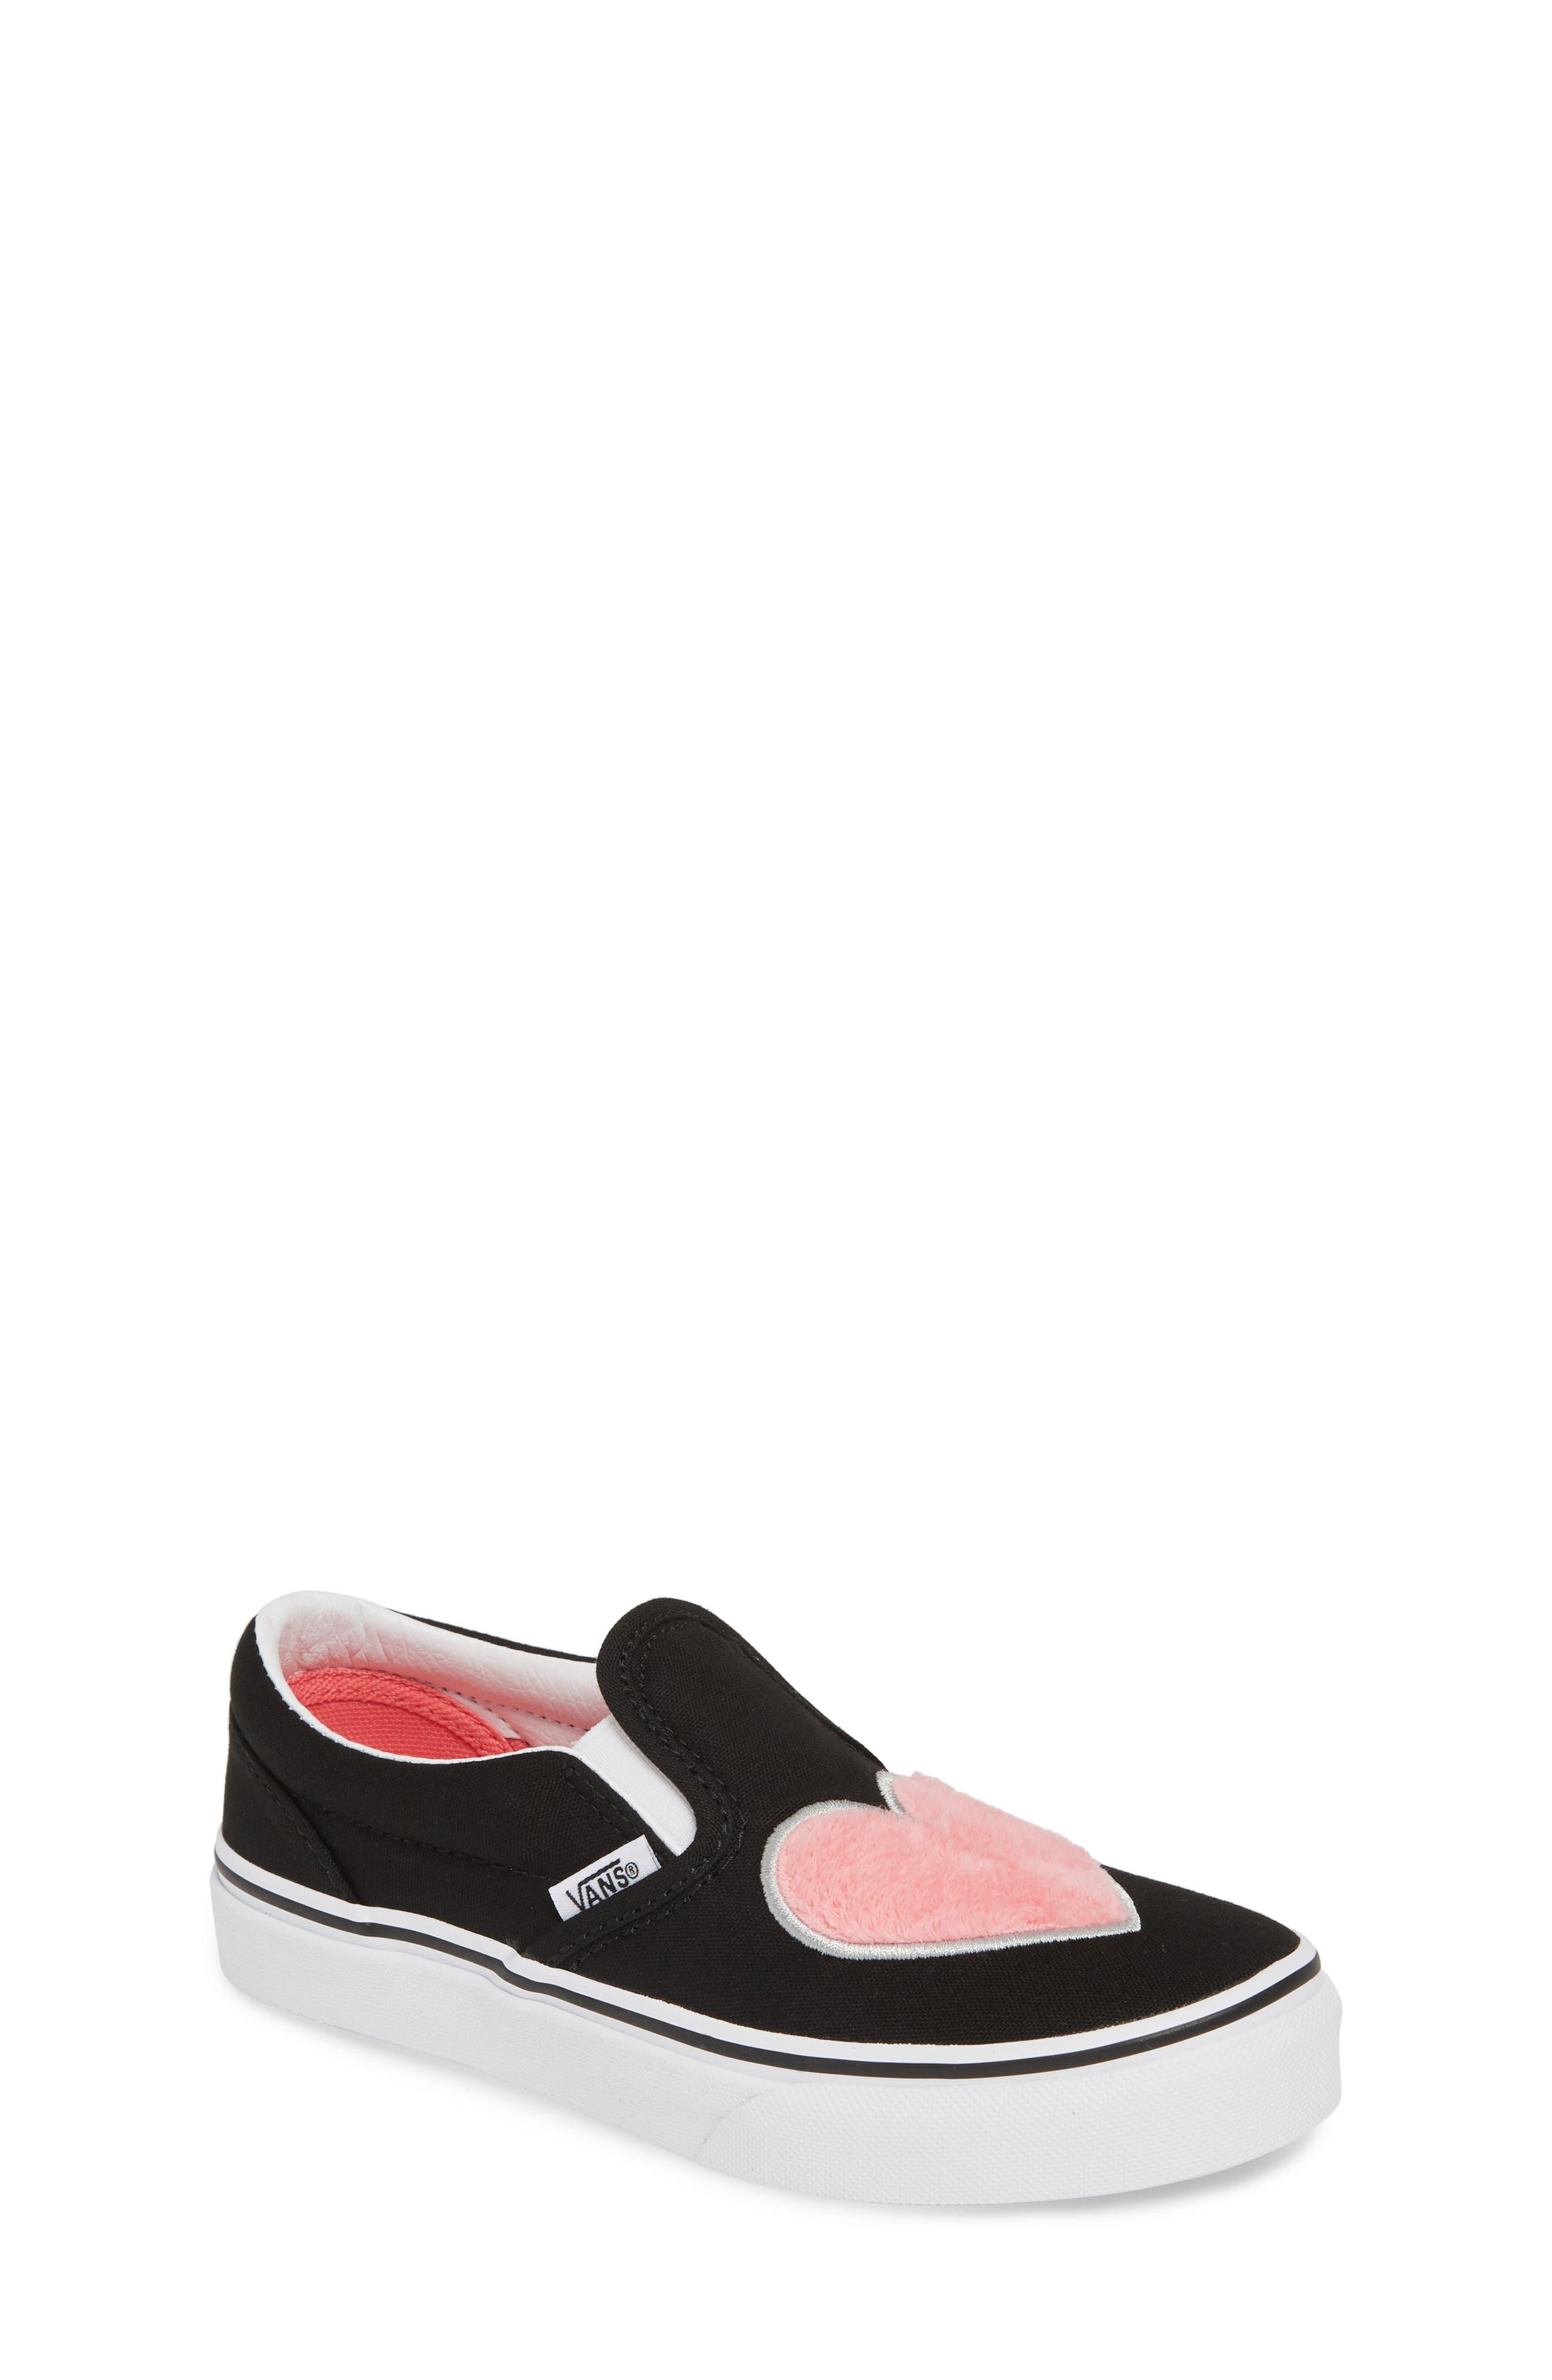 Girls' Vans Shoes Nordstrom  Nordstrom